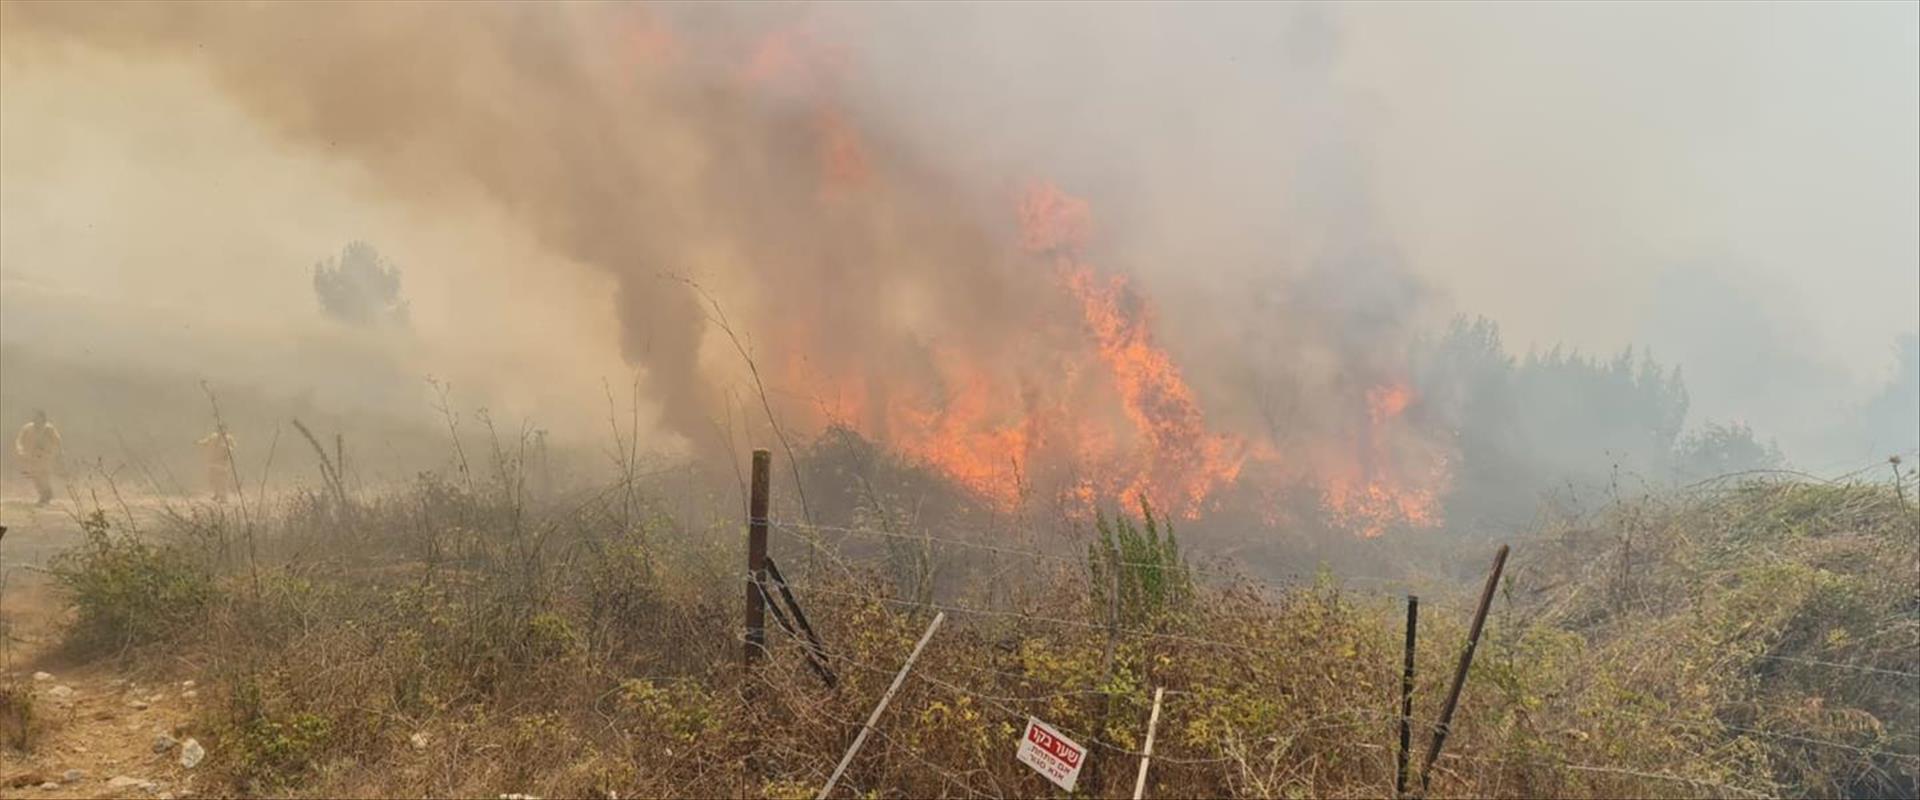 שריפה במגידו